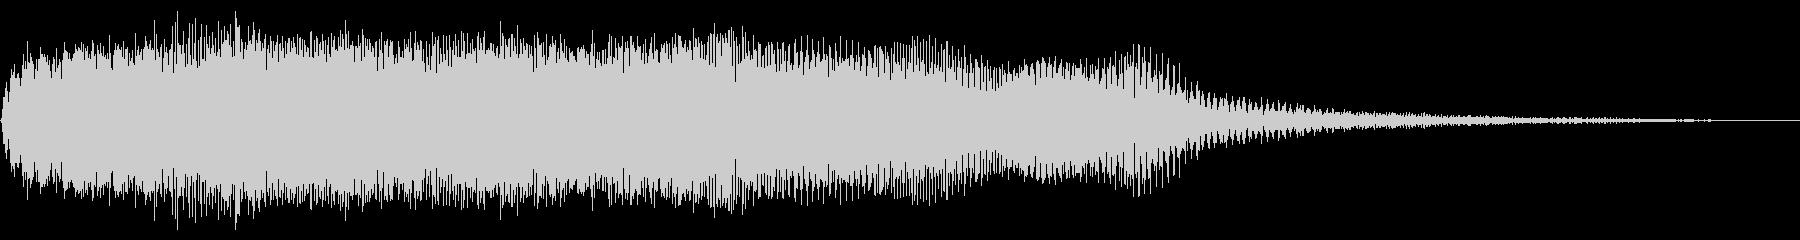 レトロ起動ジャーン/分厚い和音ME9の未再生の波形